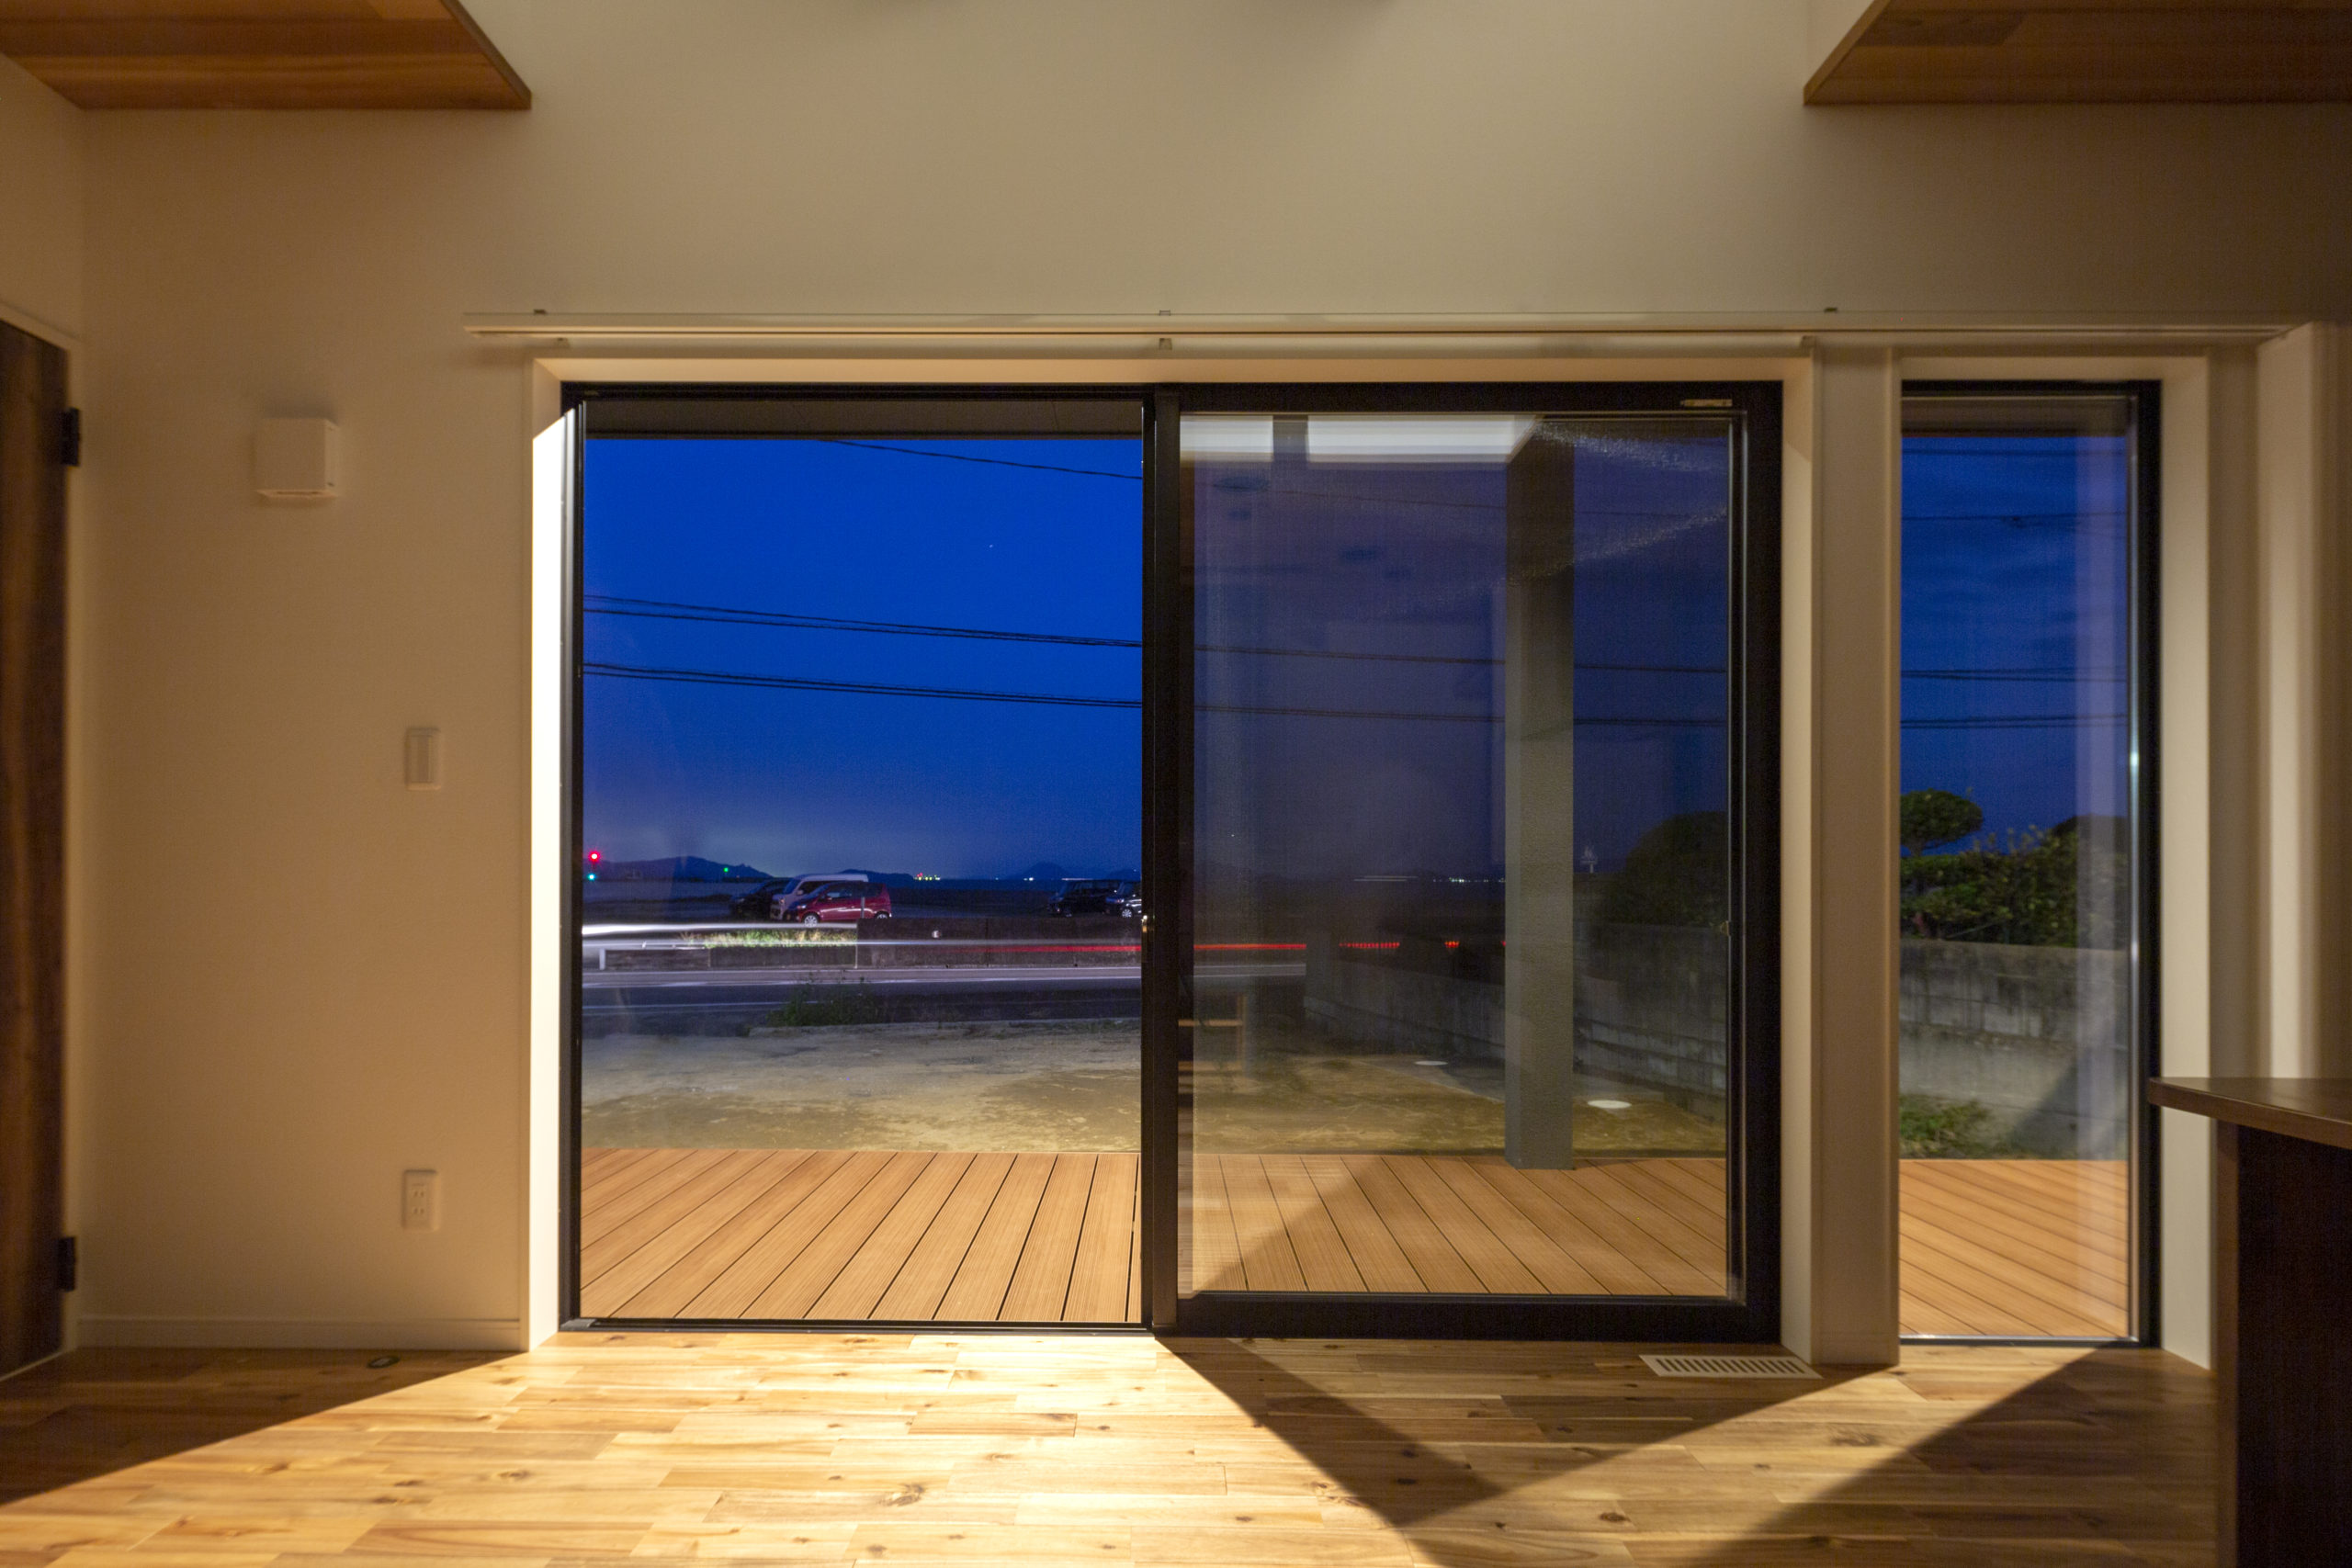 福山市の注文住宅|今井住建の施工事例ギャラリー「ウッドデッキに続く開放感のある大きな窓」